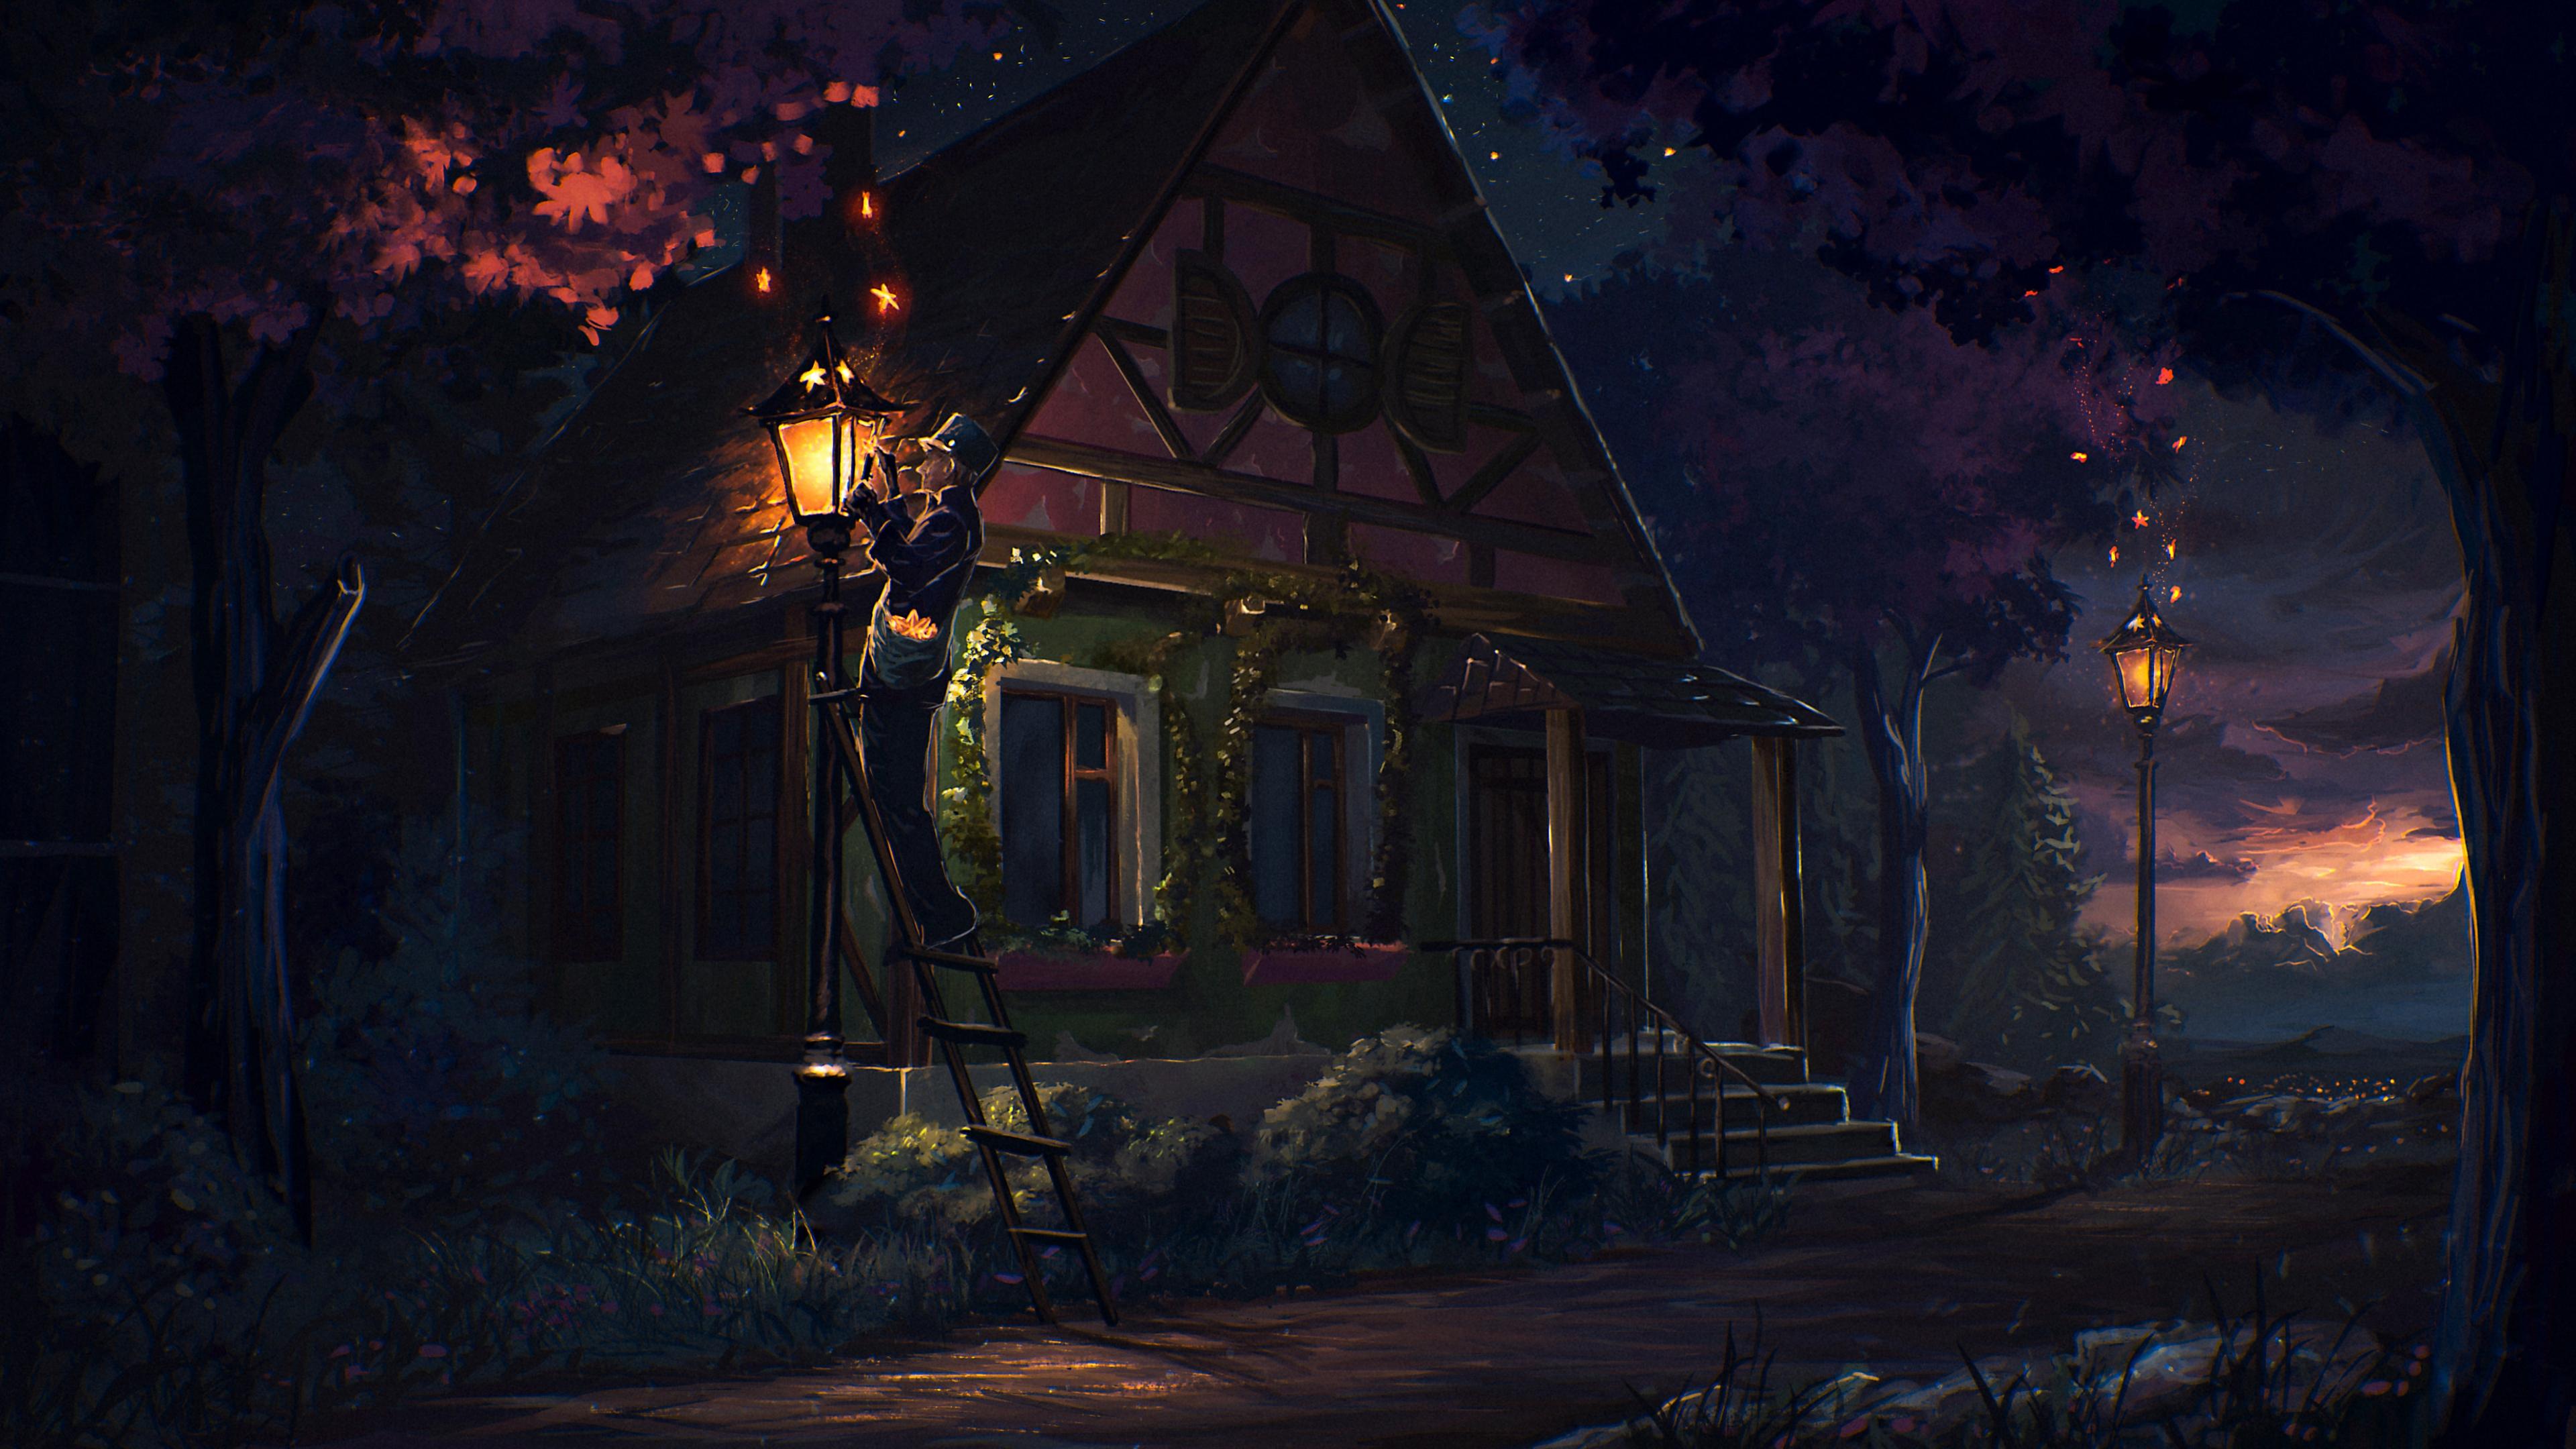 house fairy tale art light night 4k 1540748313 - House Fairy Tale Art Light Night 4k - digital art wallpapers, artist wallpapers, abstract wallpapers